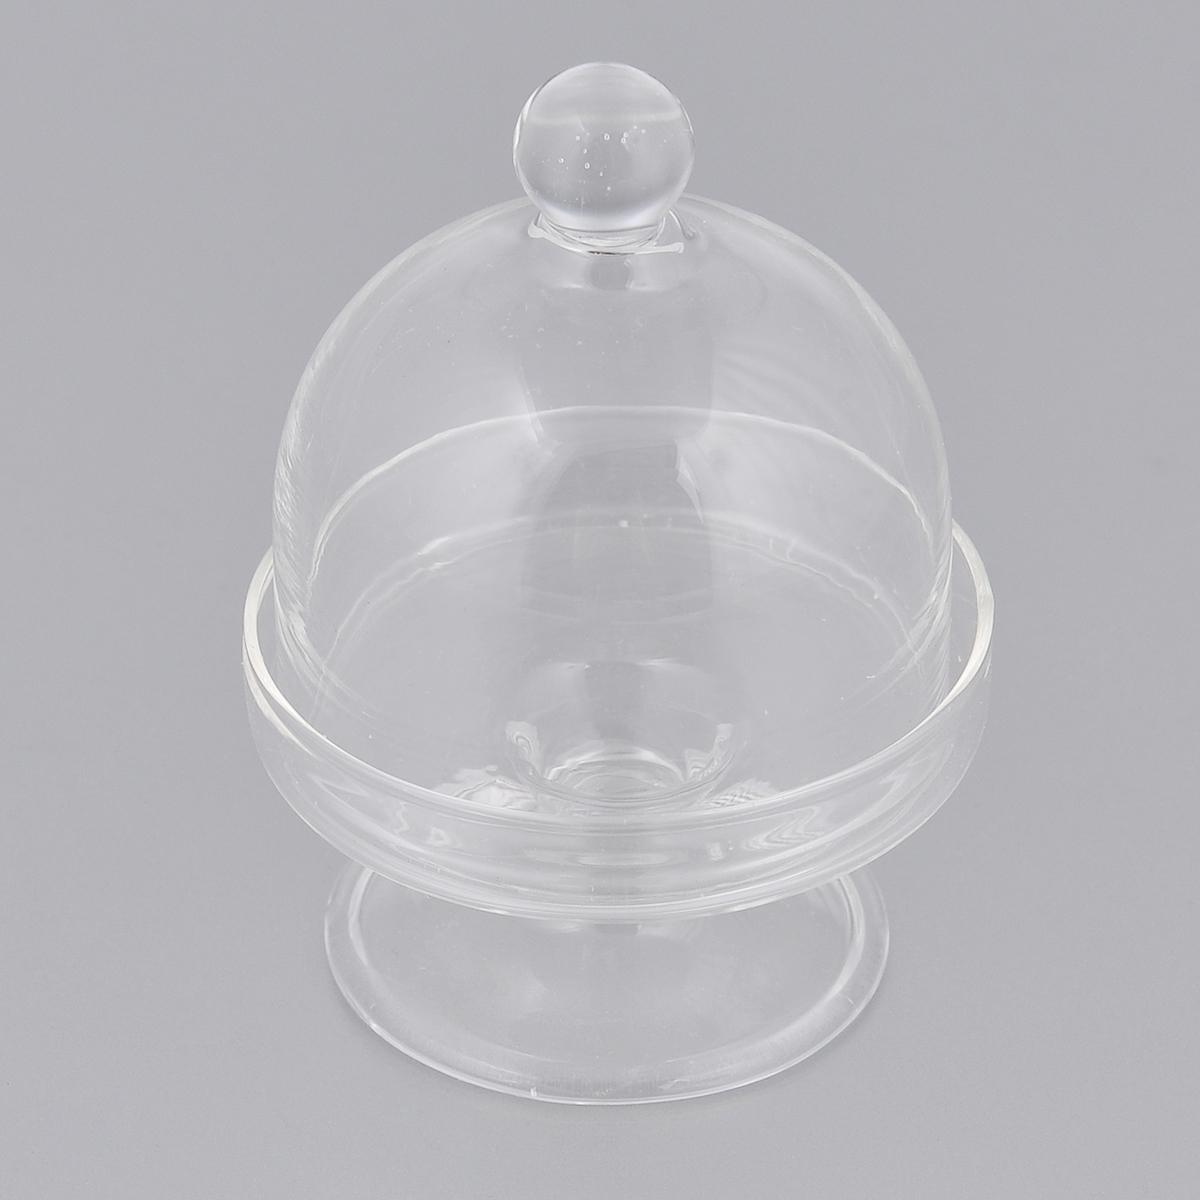 Пирожница c куполом Dolce Arti Шарик, диаметр 5,5 смDA010101Пирожница c куполом Dolce Arti изготовлена из прозрачного стекла. Изделие представляет собой изящную тарелочку на ножке и крышку-купол с ручкой в виде шарика. Такая пирожница может использоваться как столовая посуда для хранения миниатюрных пирожных, конфет и сладостей, а также прекрасно подойдет как декоративный элемент. Изделие по своему усмотрению можно задекорировать в техниках декупаж или роспись. Также подходит для различных творческих изделий во флористических и других композициях. Диаметр: 5,5 см. Высота пирожницы (с куполом): 8,5 см.